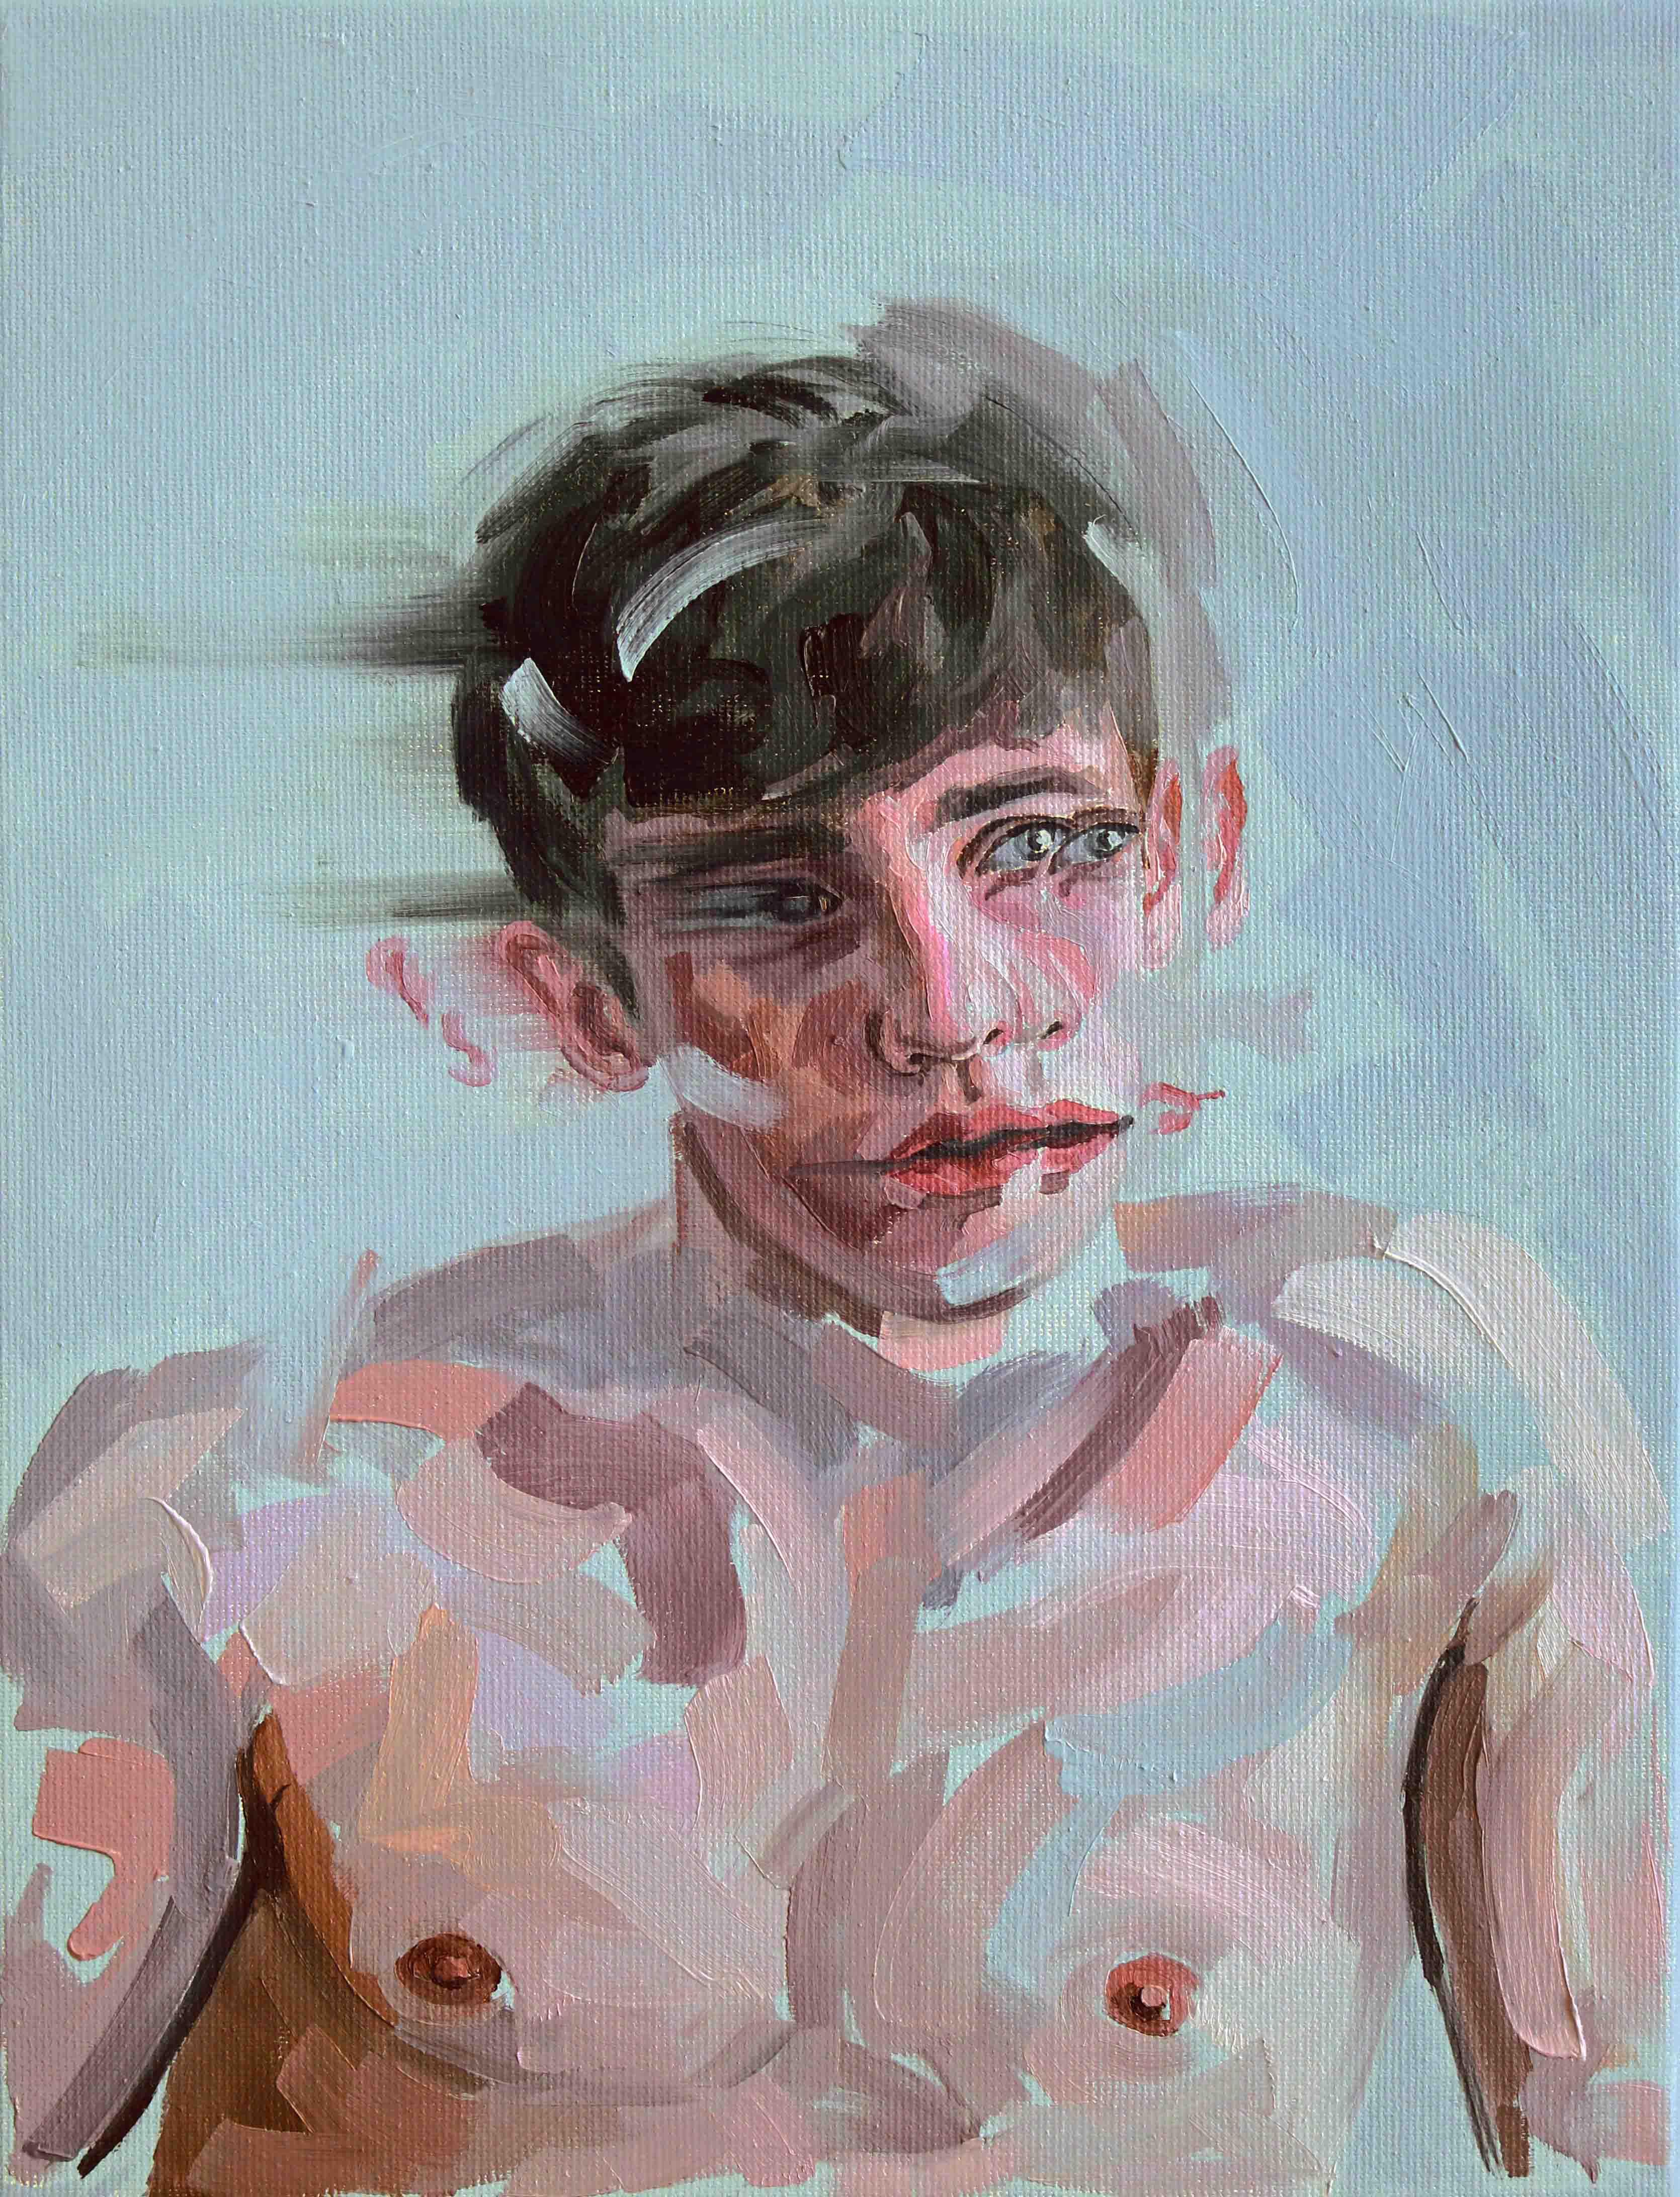 Refracted Body # II (2020) - Daniel Jaen